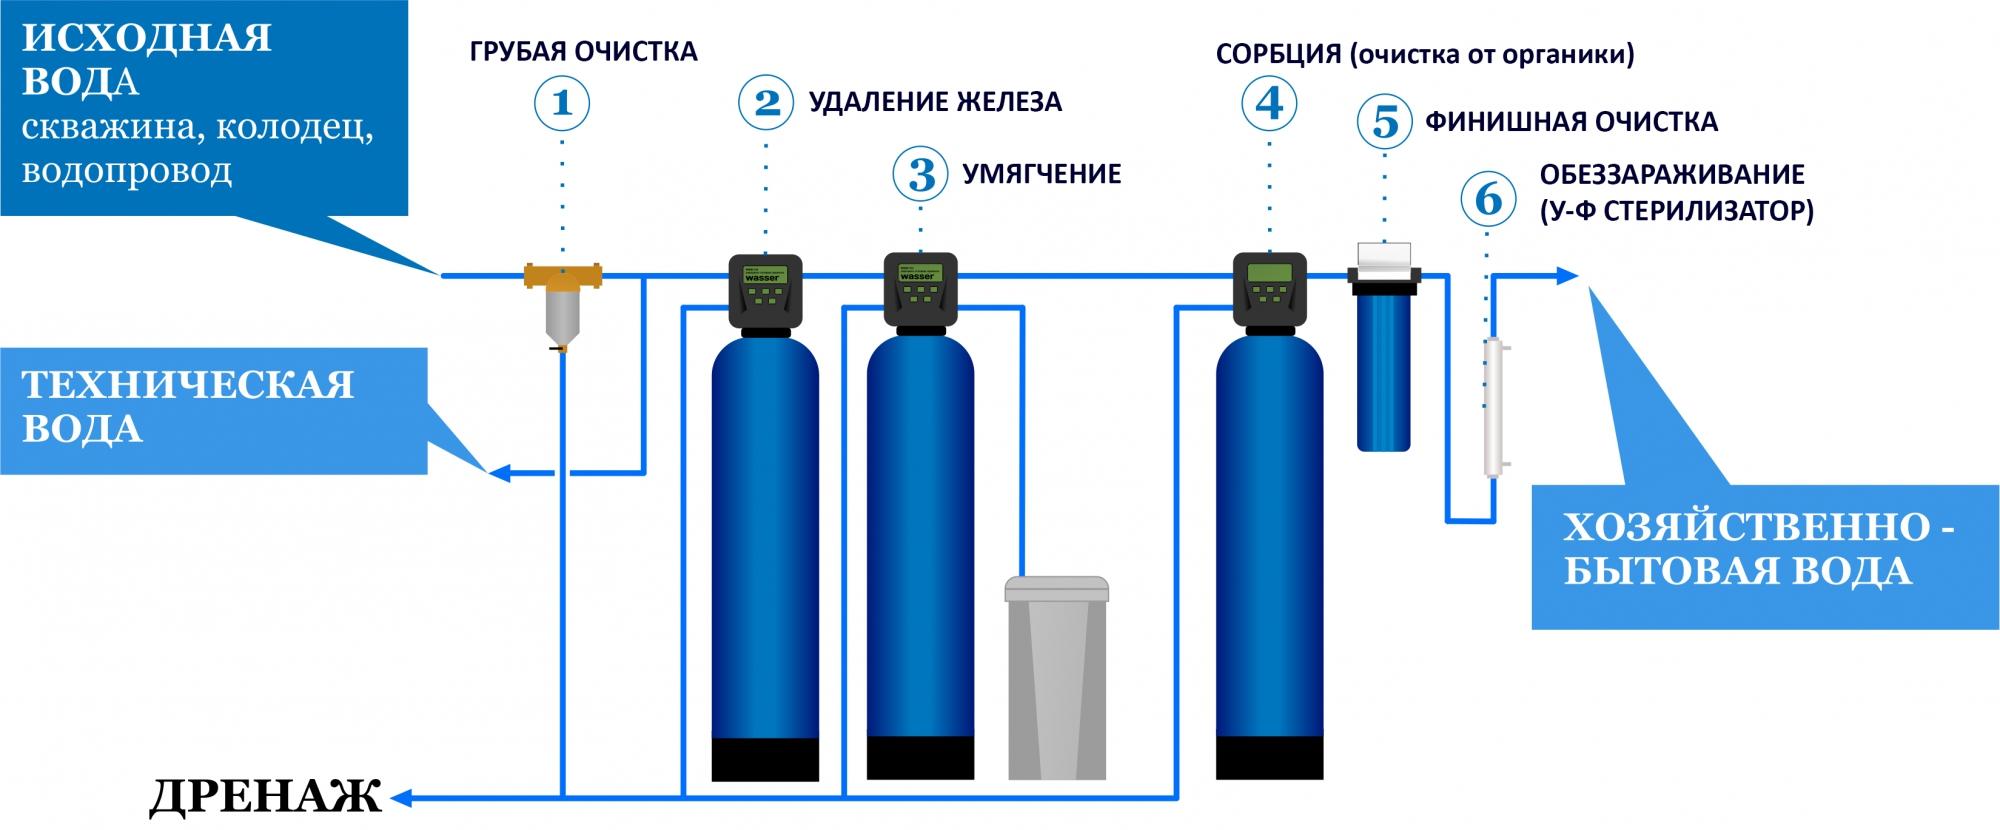 Какие фильтры для воды подойдут на даче лучше всего?